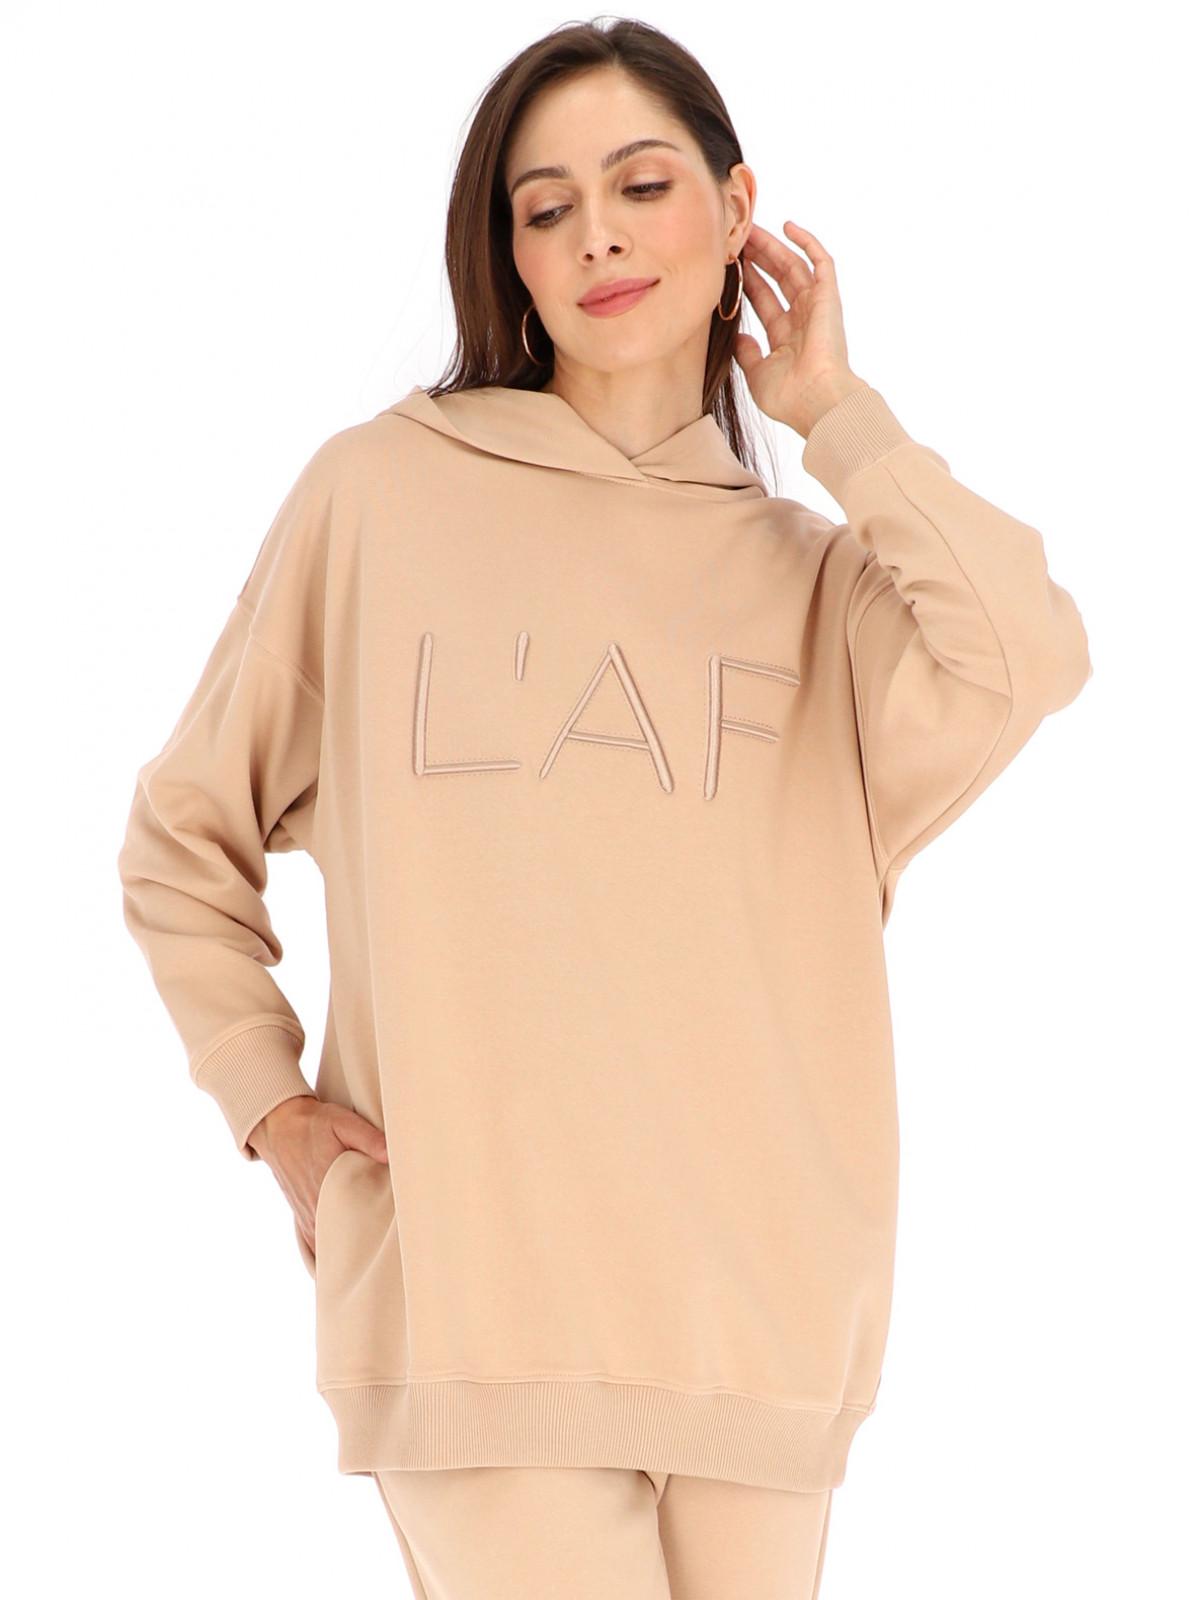 Bluza z wypukłym 3D haftem w postaci logo L'AF Dix